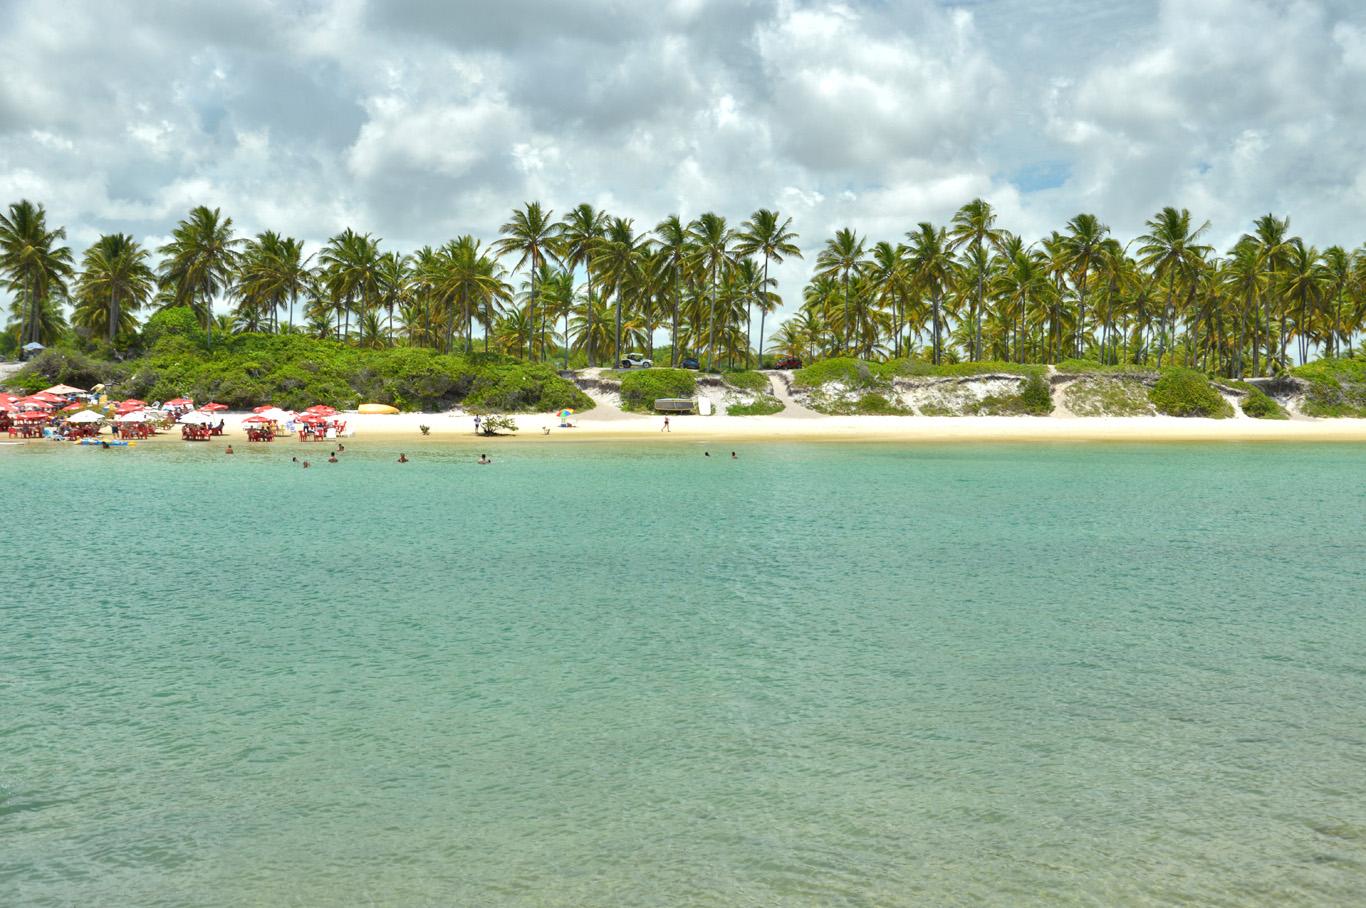 Mauro Alto beach